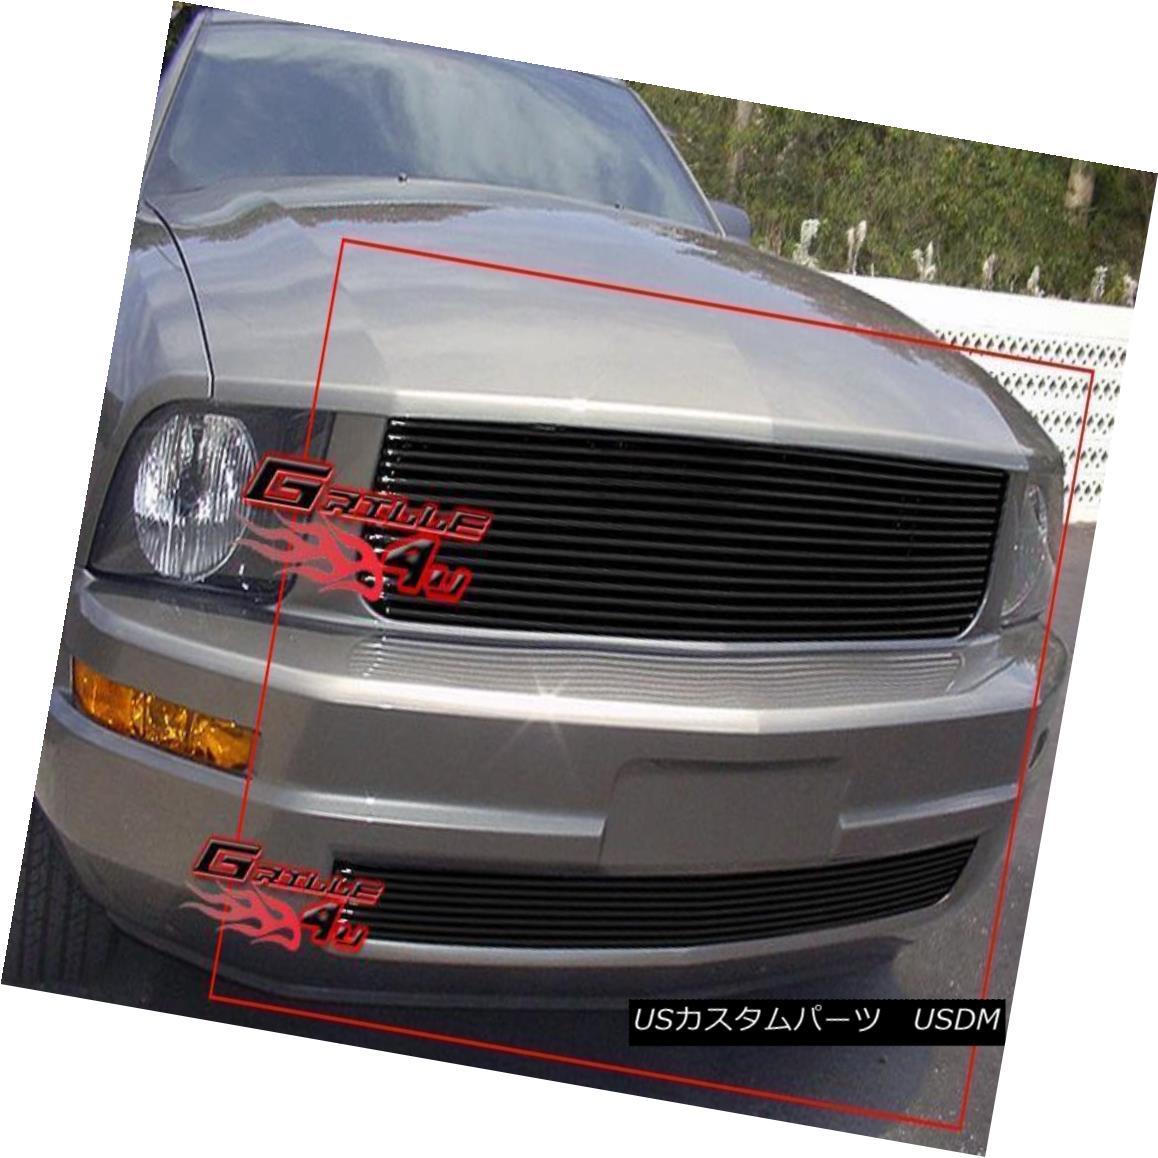 グリル Fits 2005-2009 Ford Mustang V6 Black Billet Grille Combo フィット2005-2009フォードマスタングV6ブラックビレットグリルコンボ